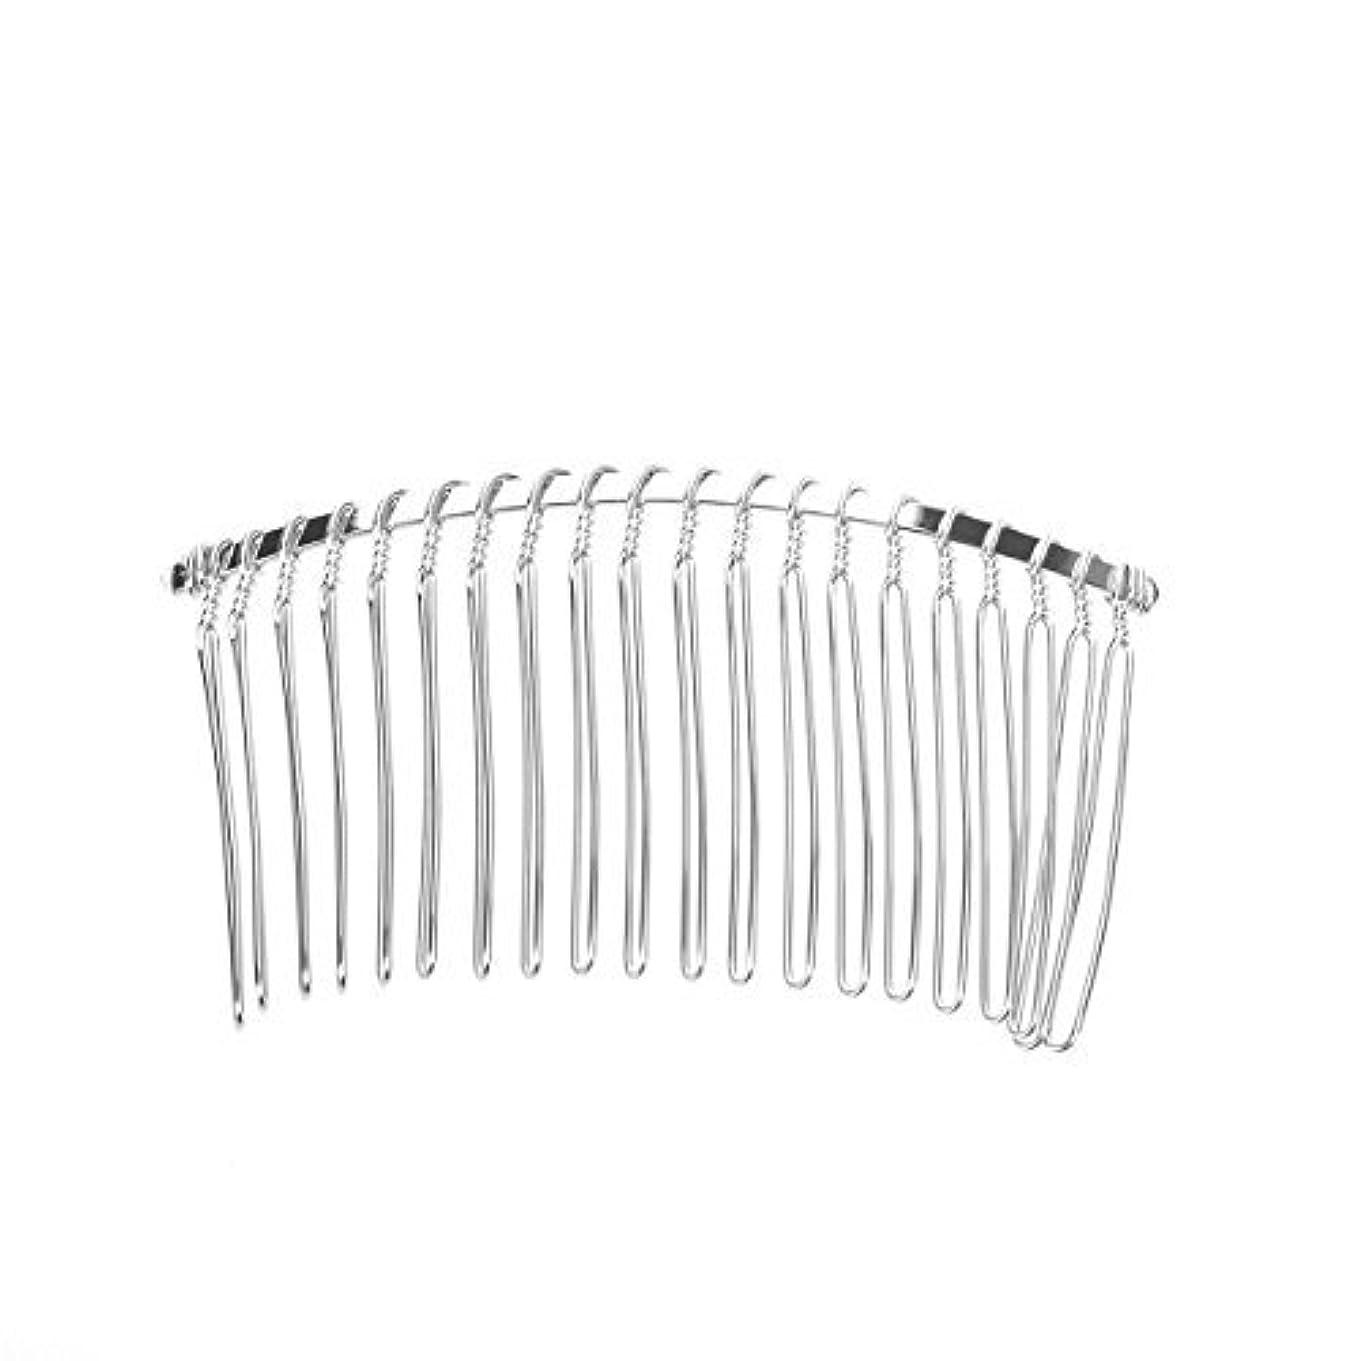 出血トランク花輪Pixnor 7.8cm 20 Teeth Fancy DIY Metal Wire Hair Clip Comb Bridal Wedding Veil Comb (Silver) [並行輸入品]